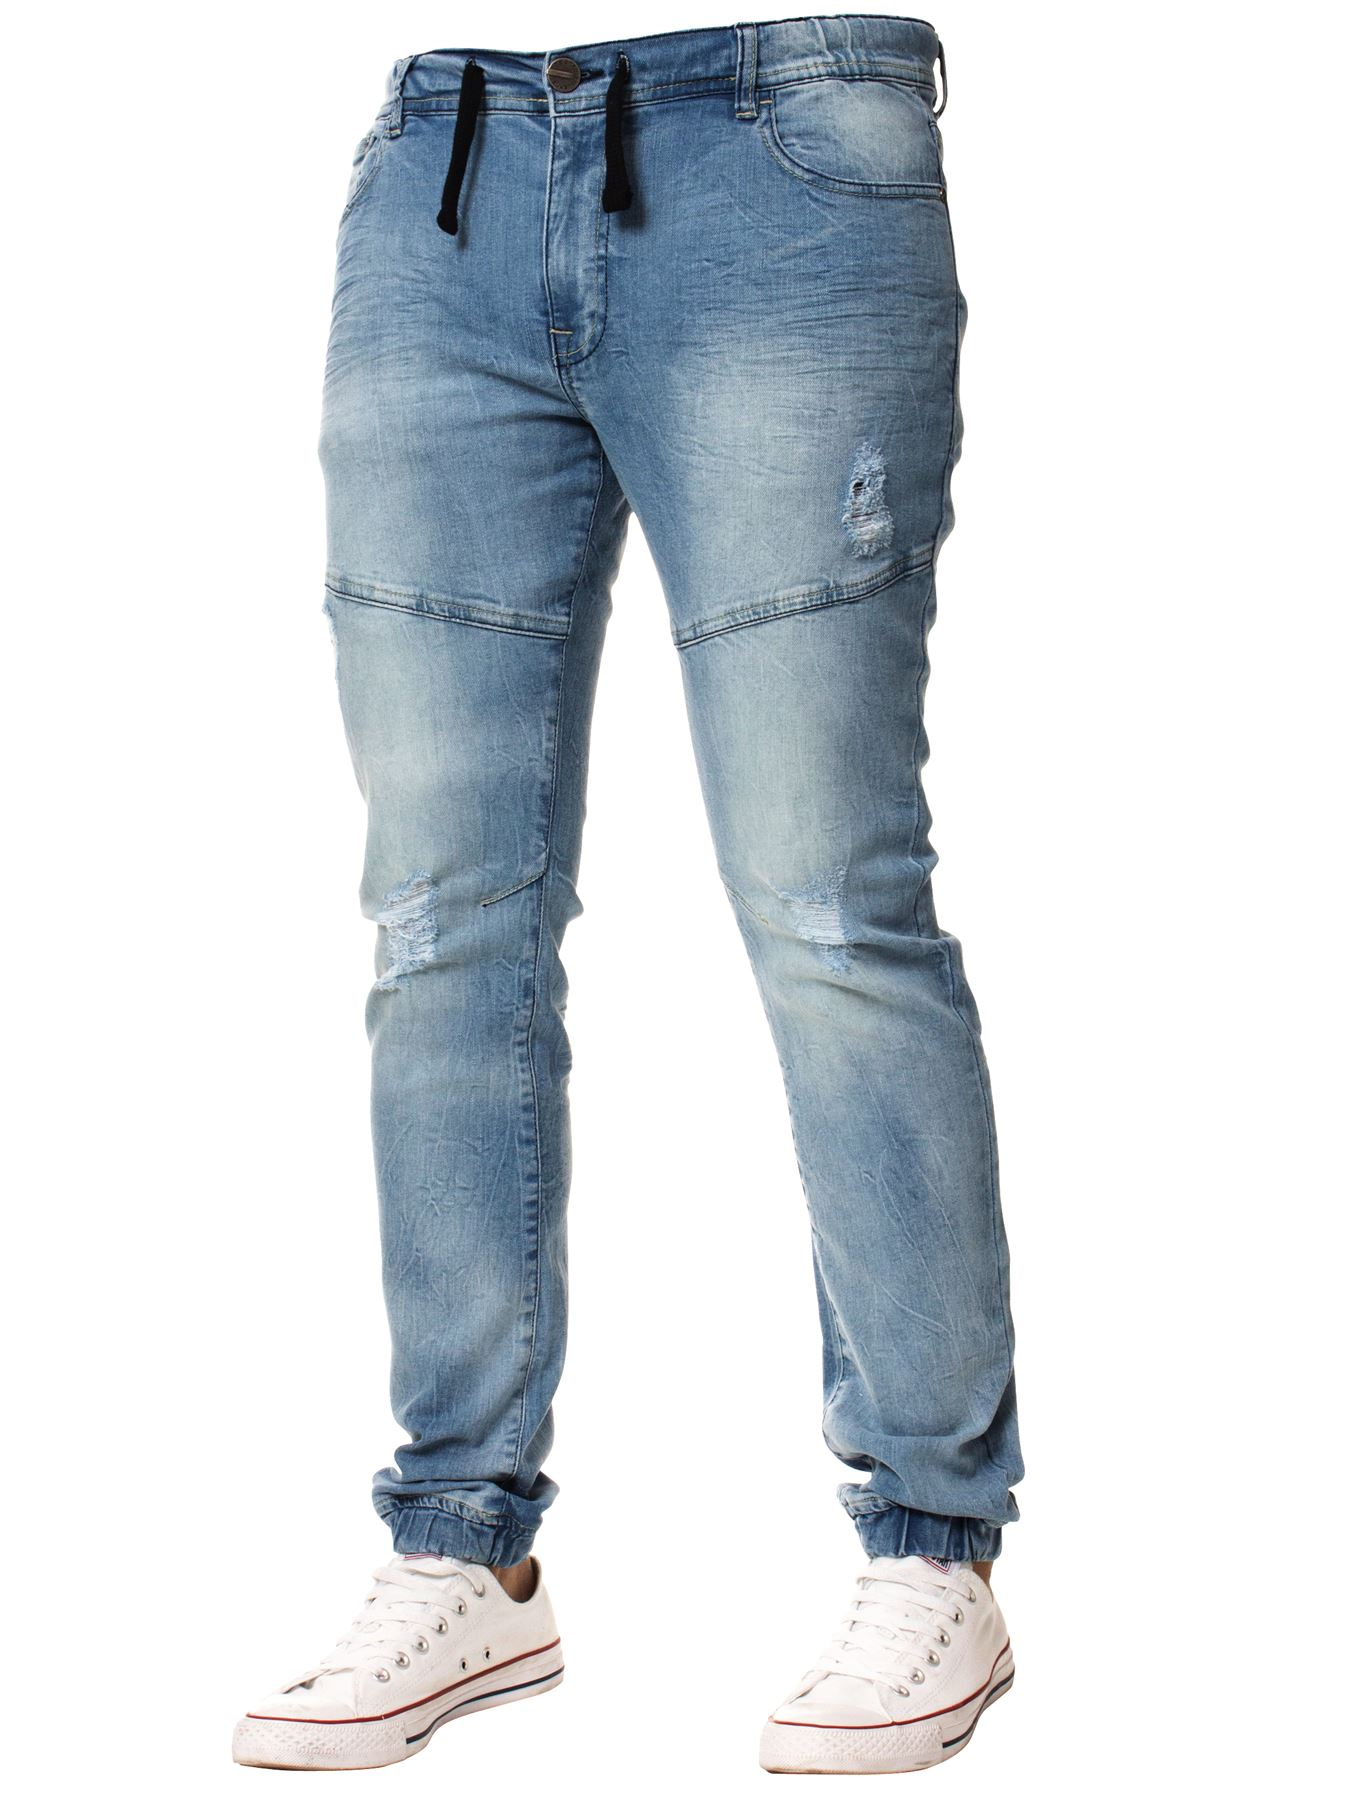 NUOVI Enzo Da Uomo Con Risvolto Jeans Stretch Denim Strappato Designer Jogger Tutte le parole